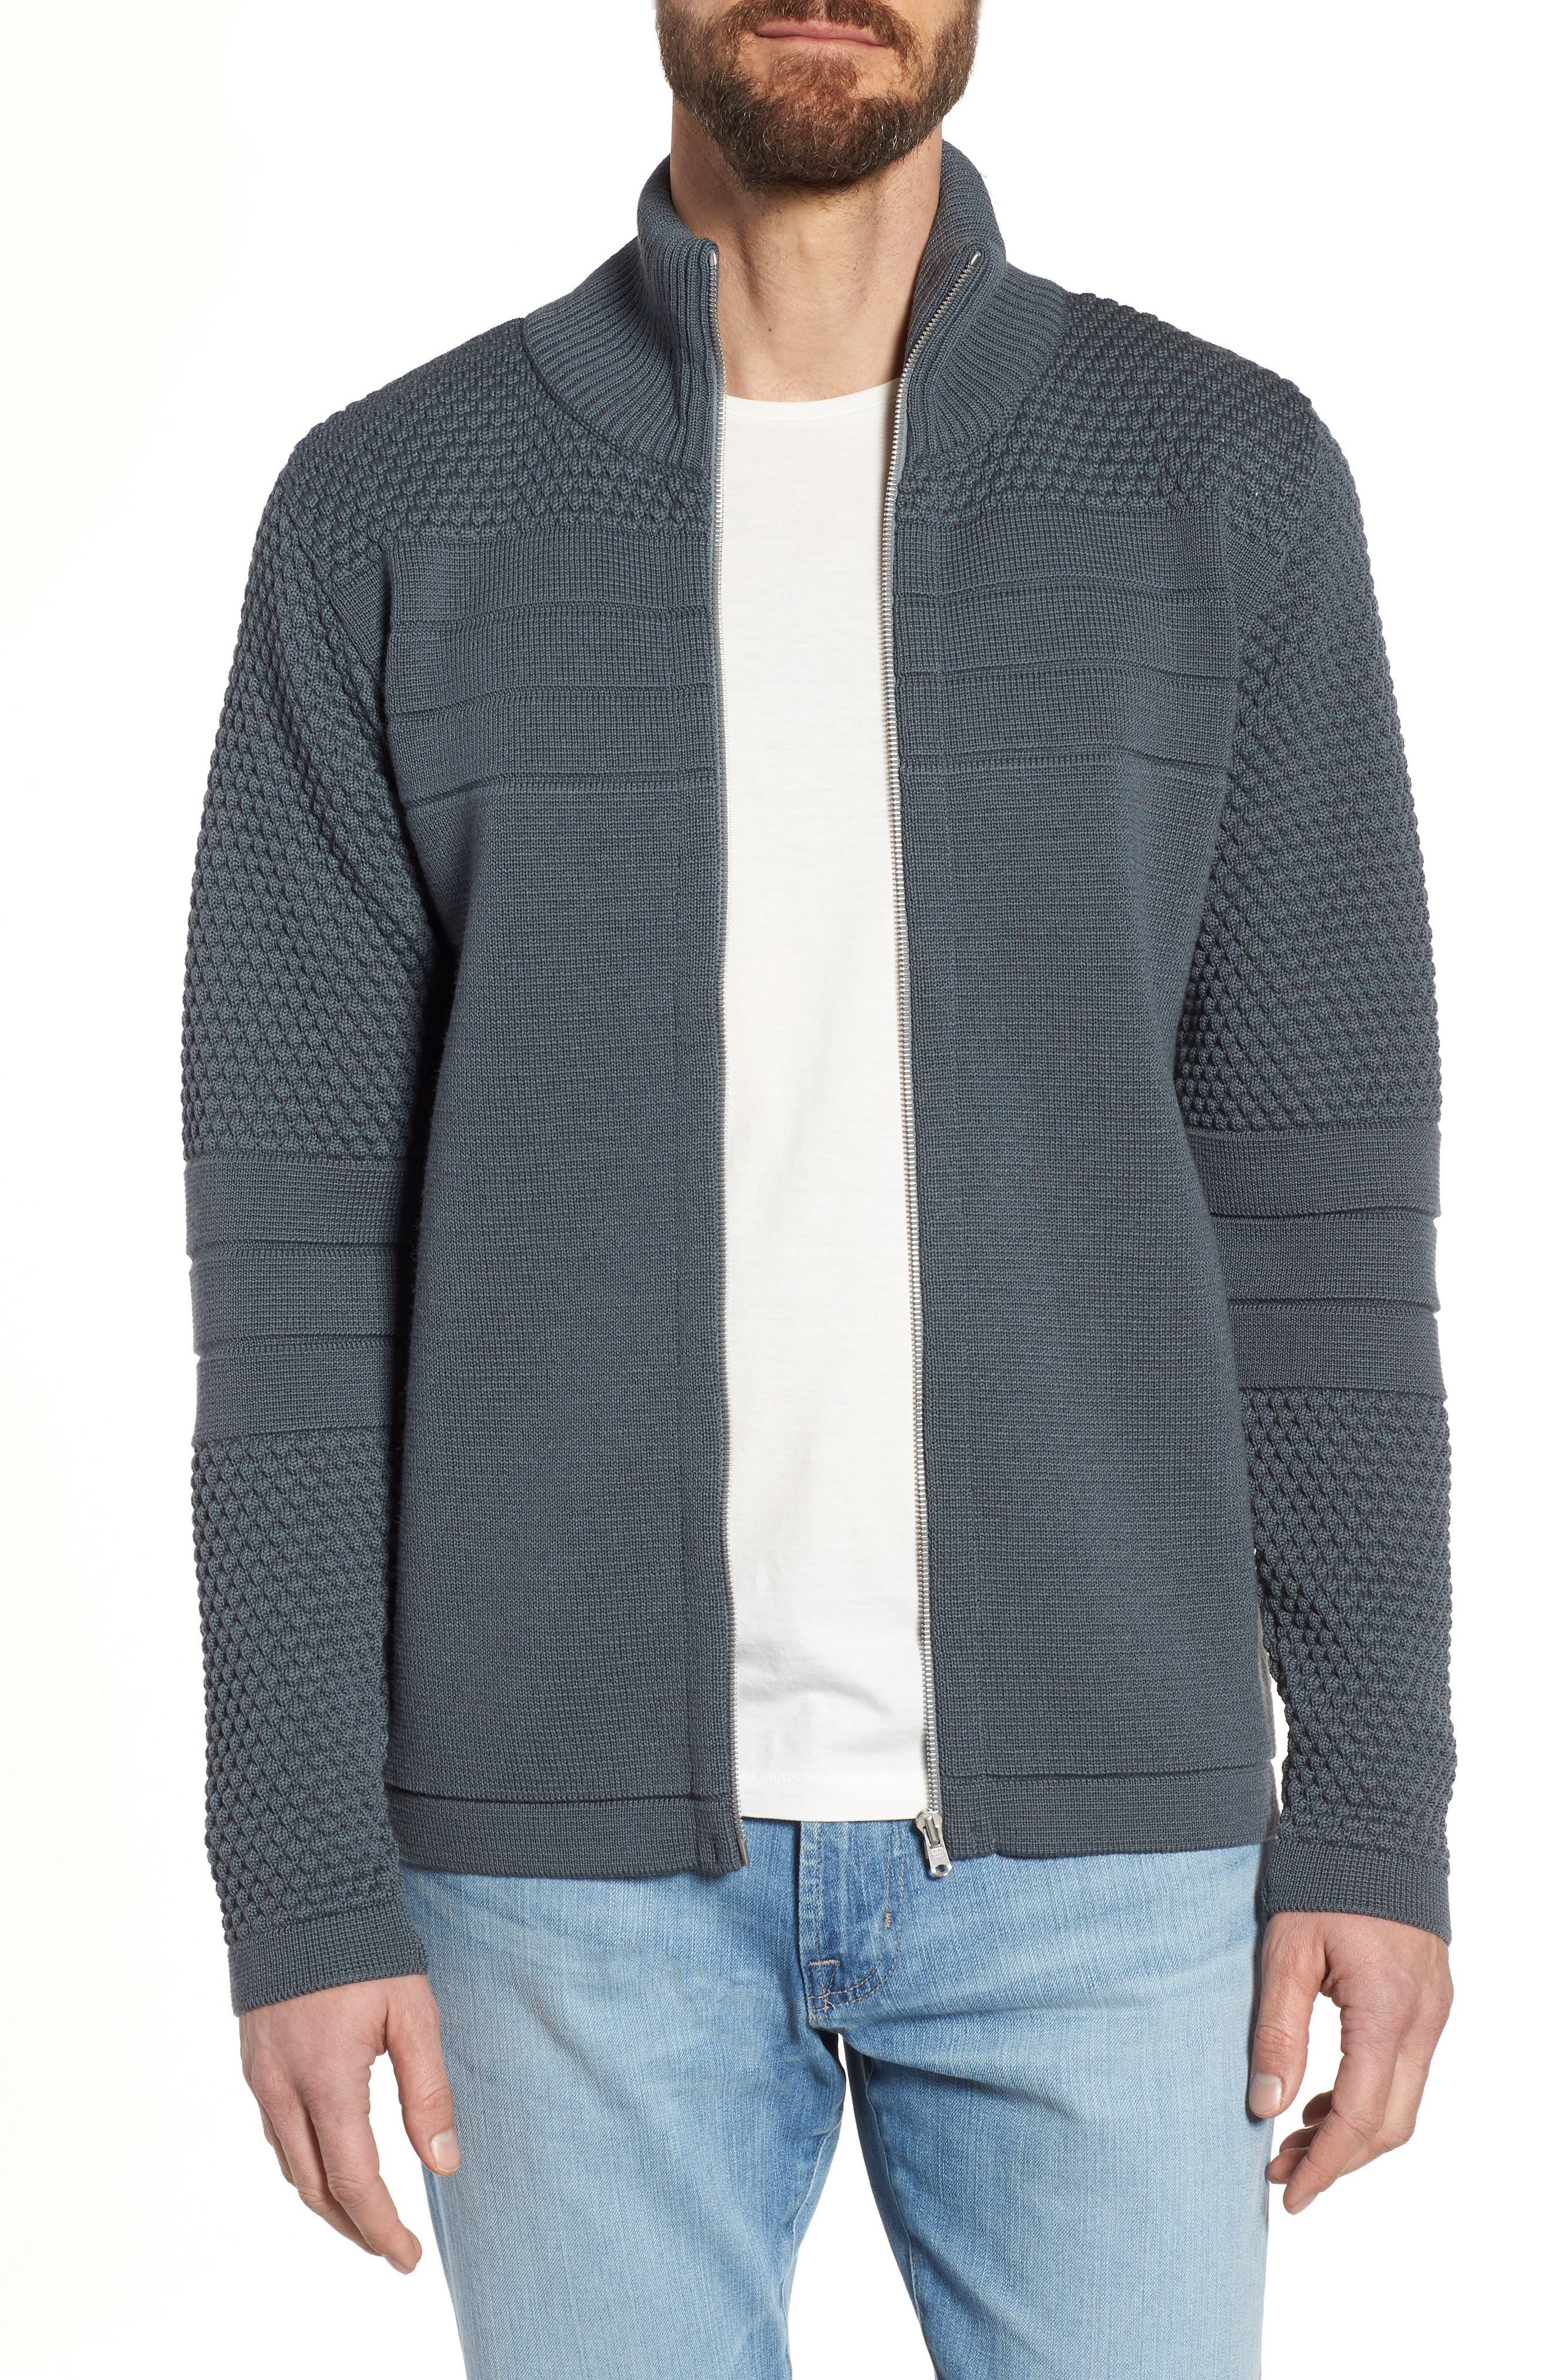 Torso Jacket,                         Main,                         color, 020